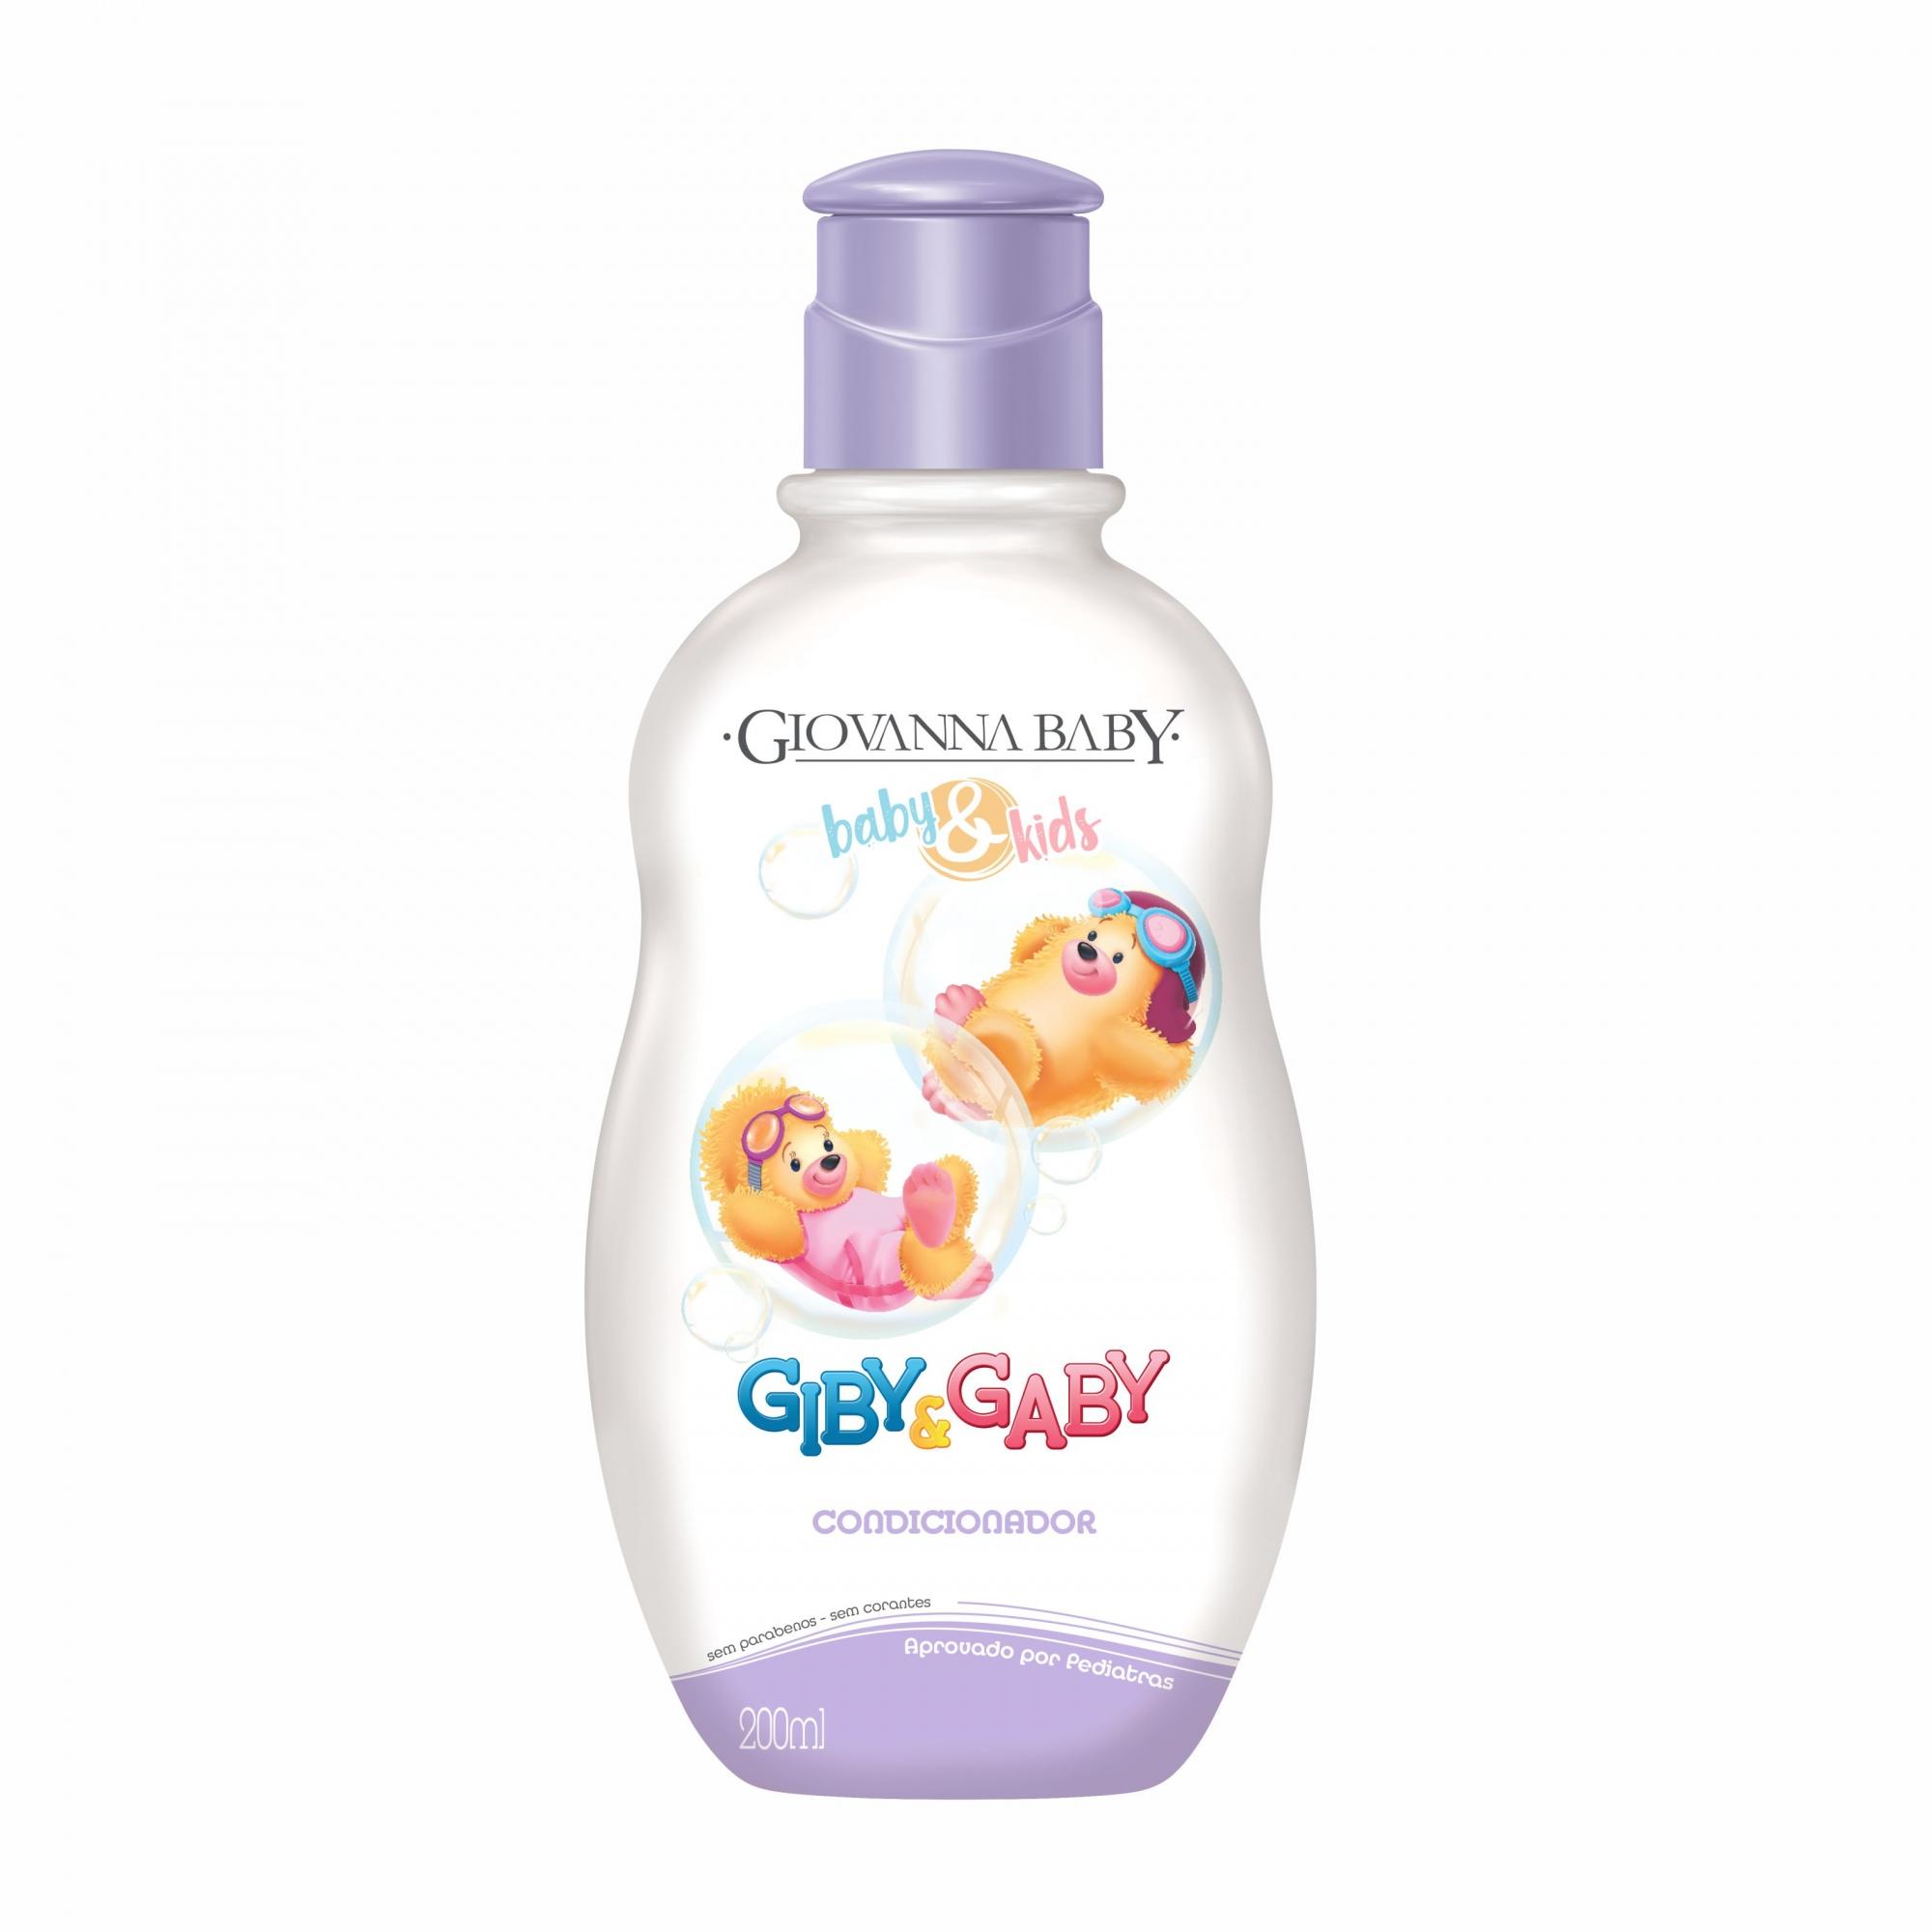 Condicionador Kids Giby & Gaby Giovanna Baby 200ml